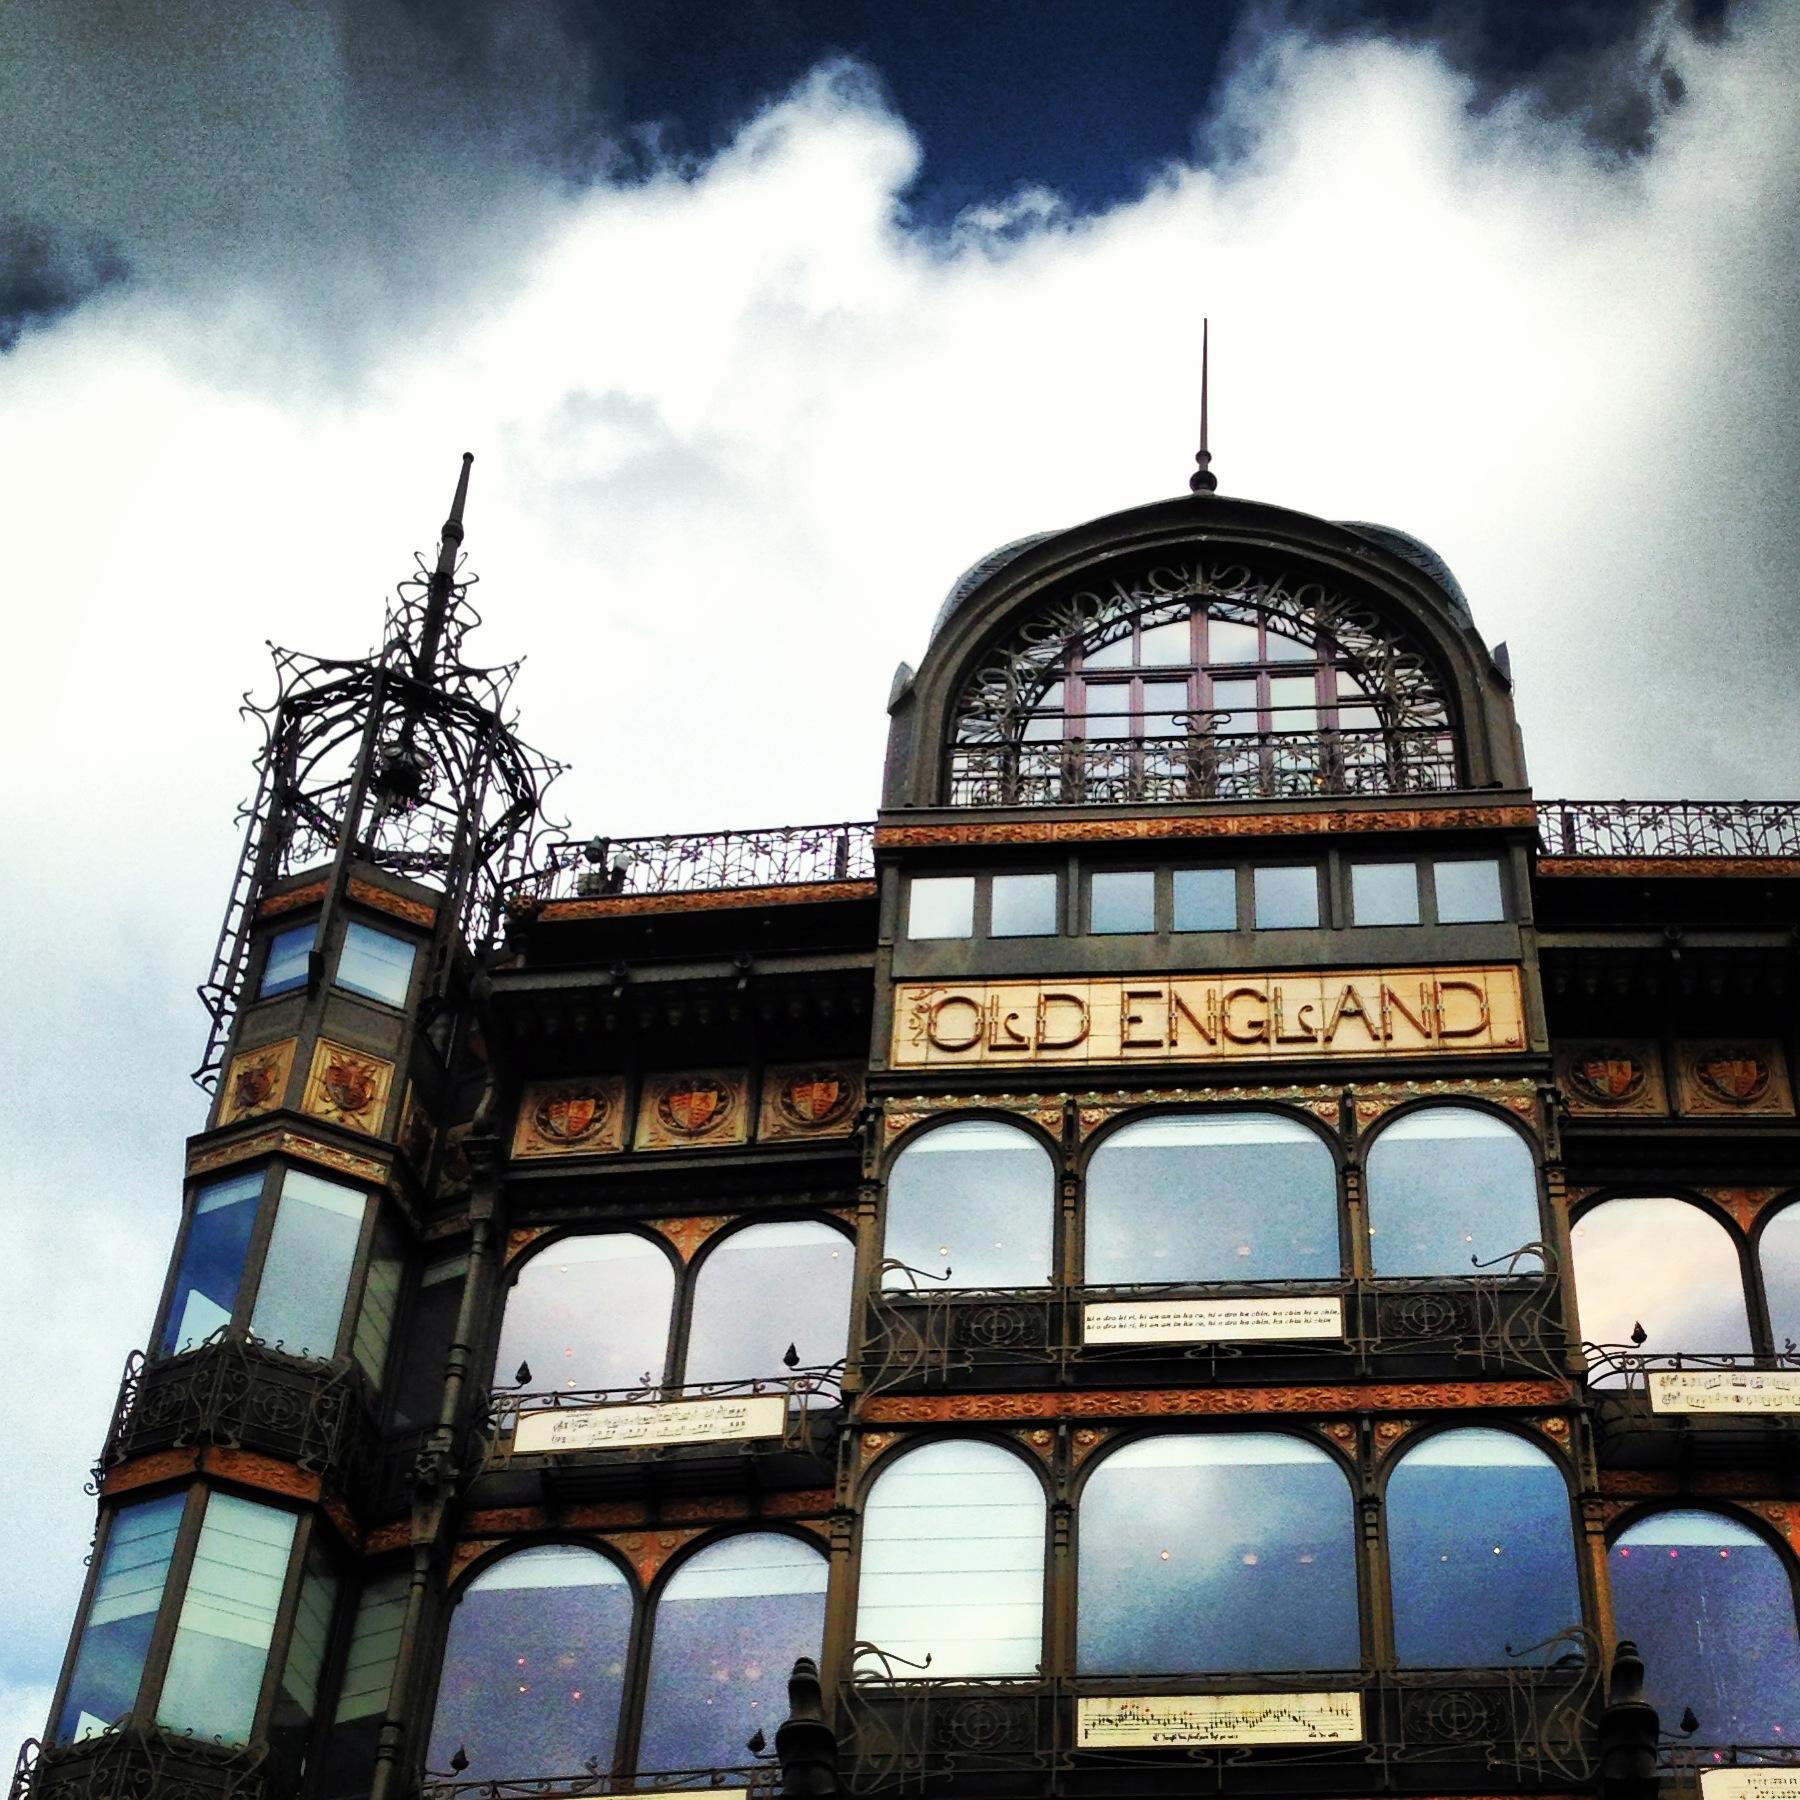 Il Museo degli stumenti musicali in un palazzo ancora più bello del museo stesso